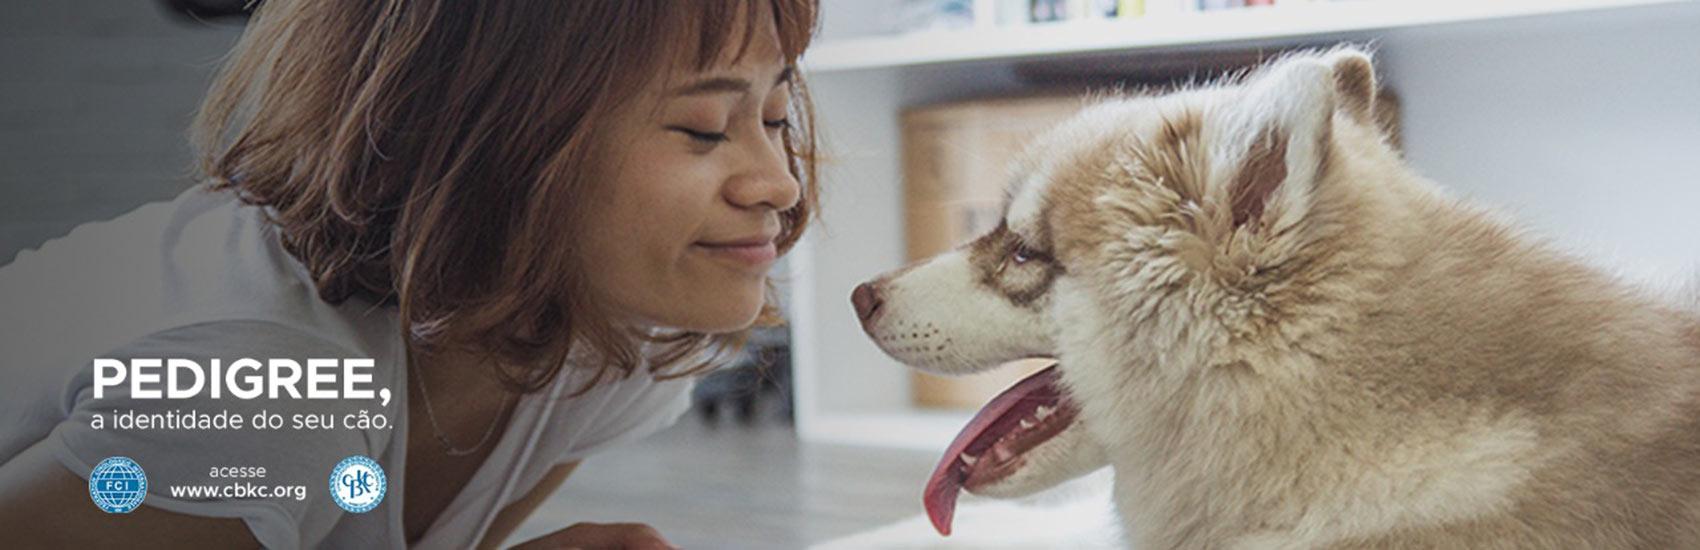 Pedigree: a identidade do seu cão